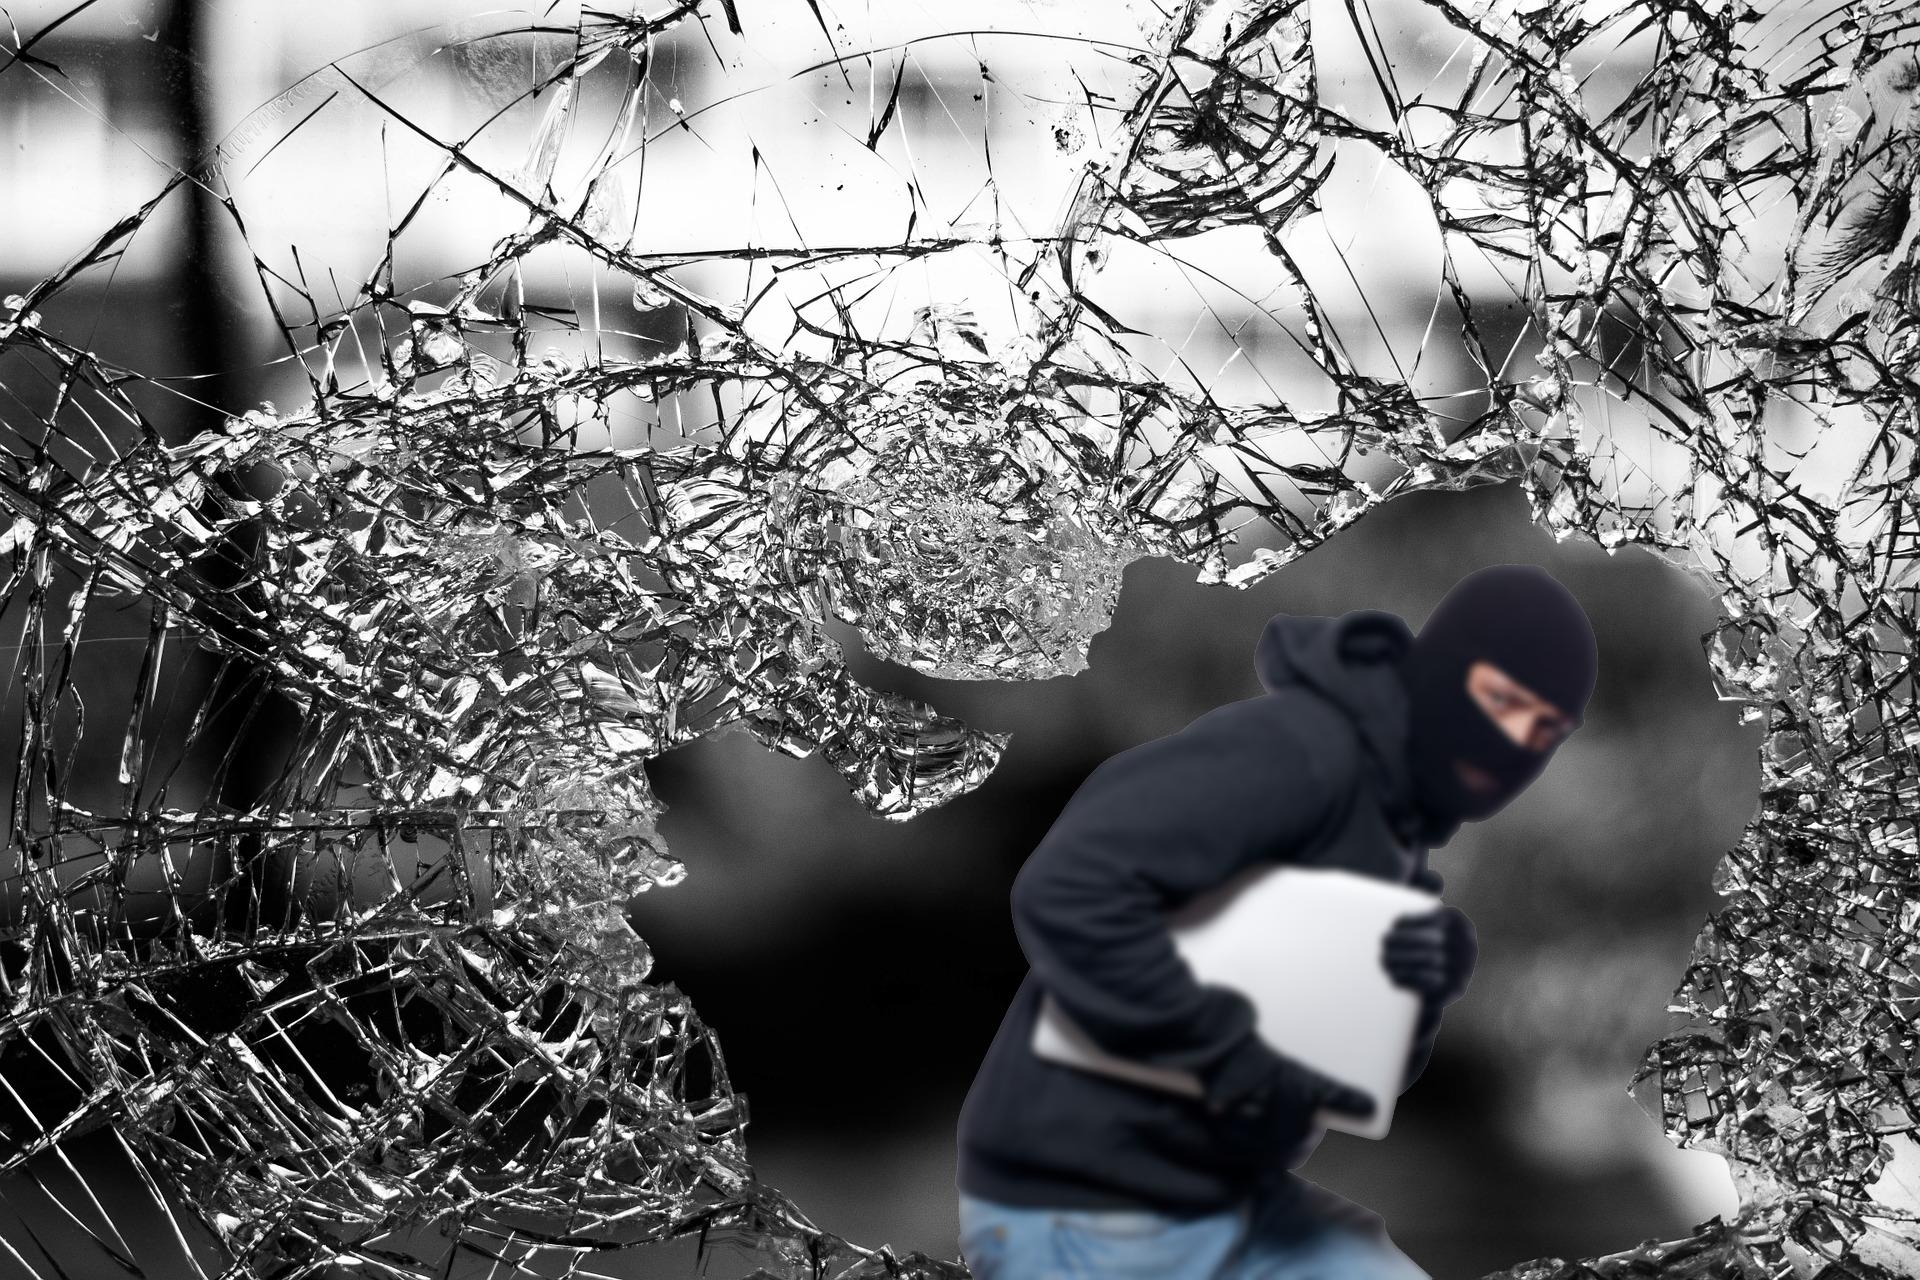 嘟嘟智能家居防盗新品——玻璃破碎报警器